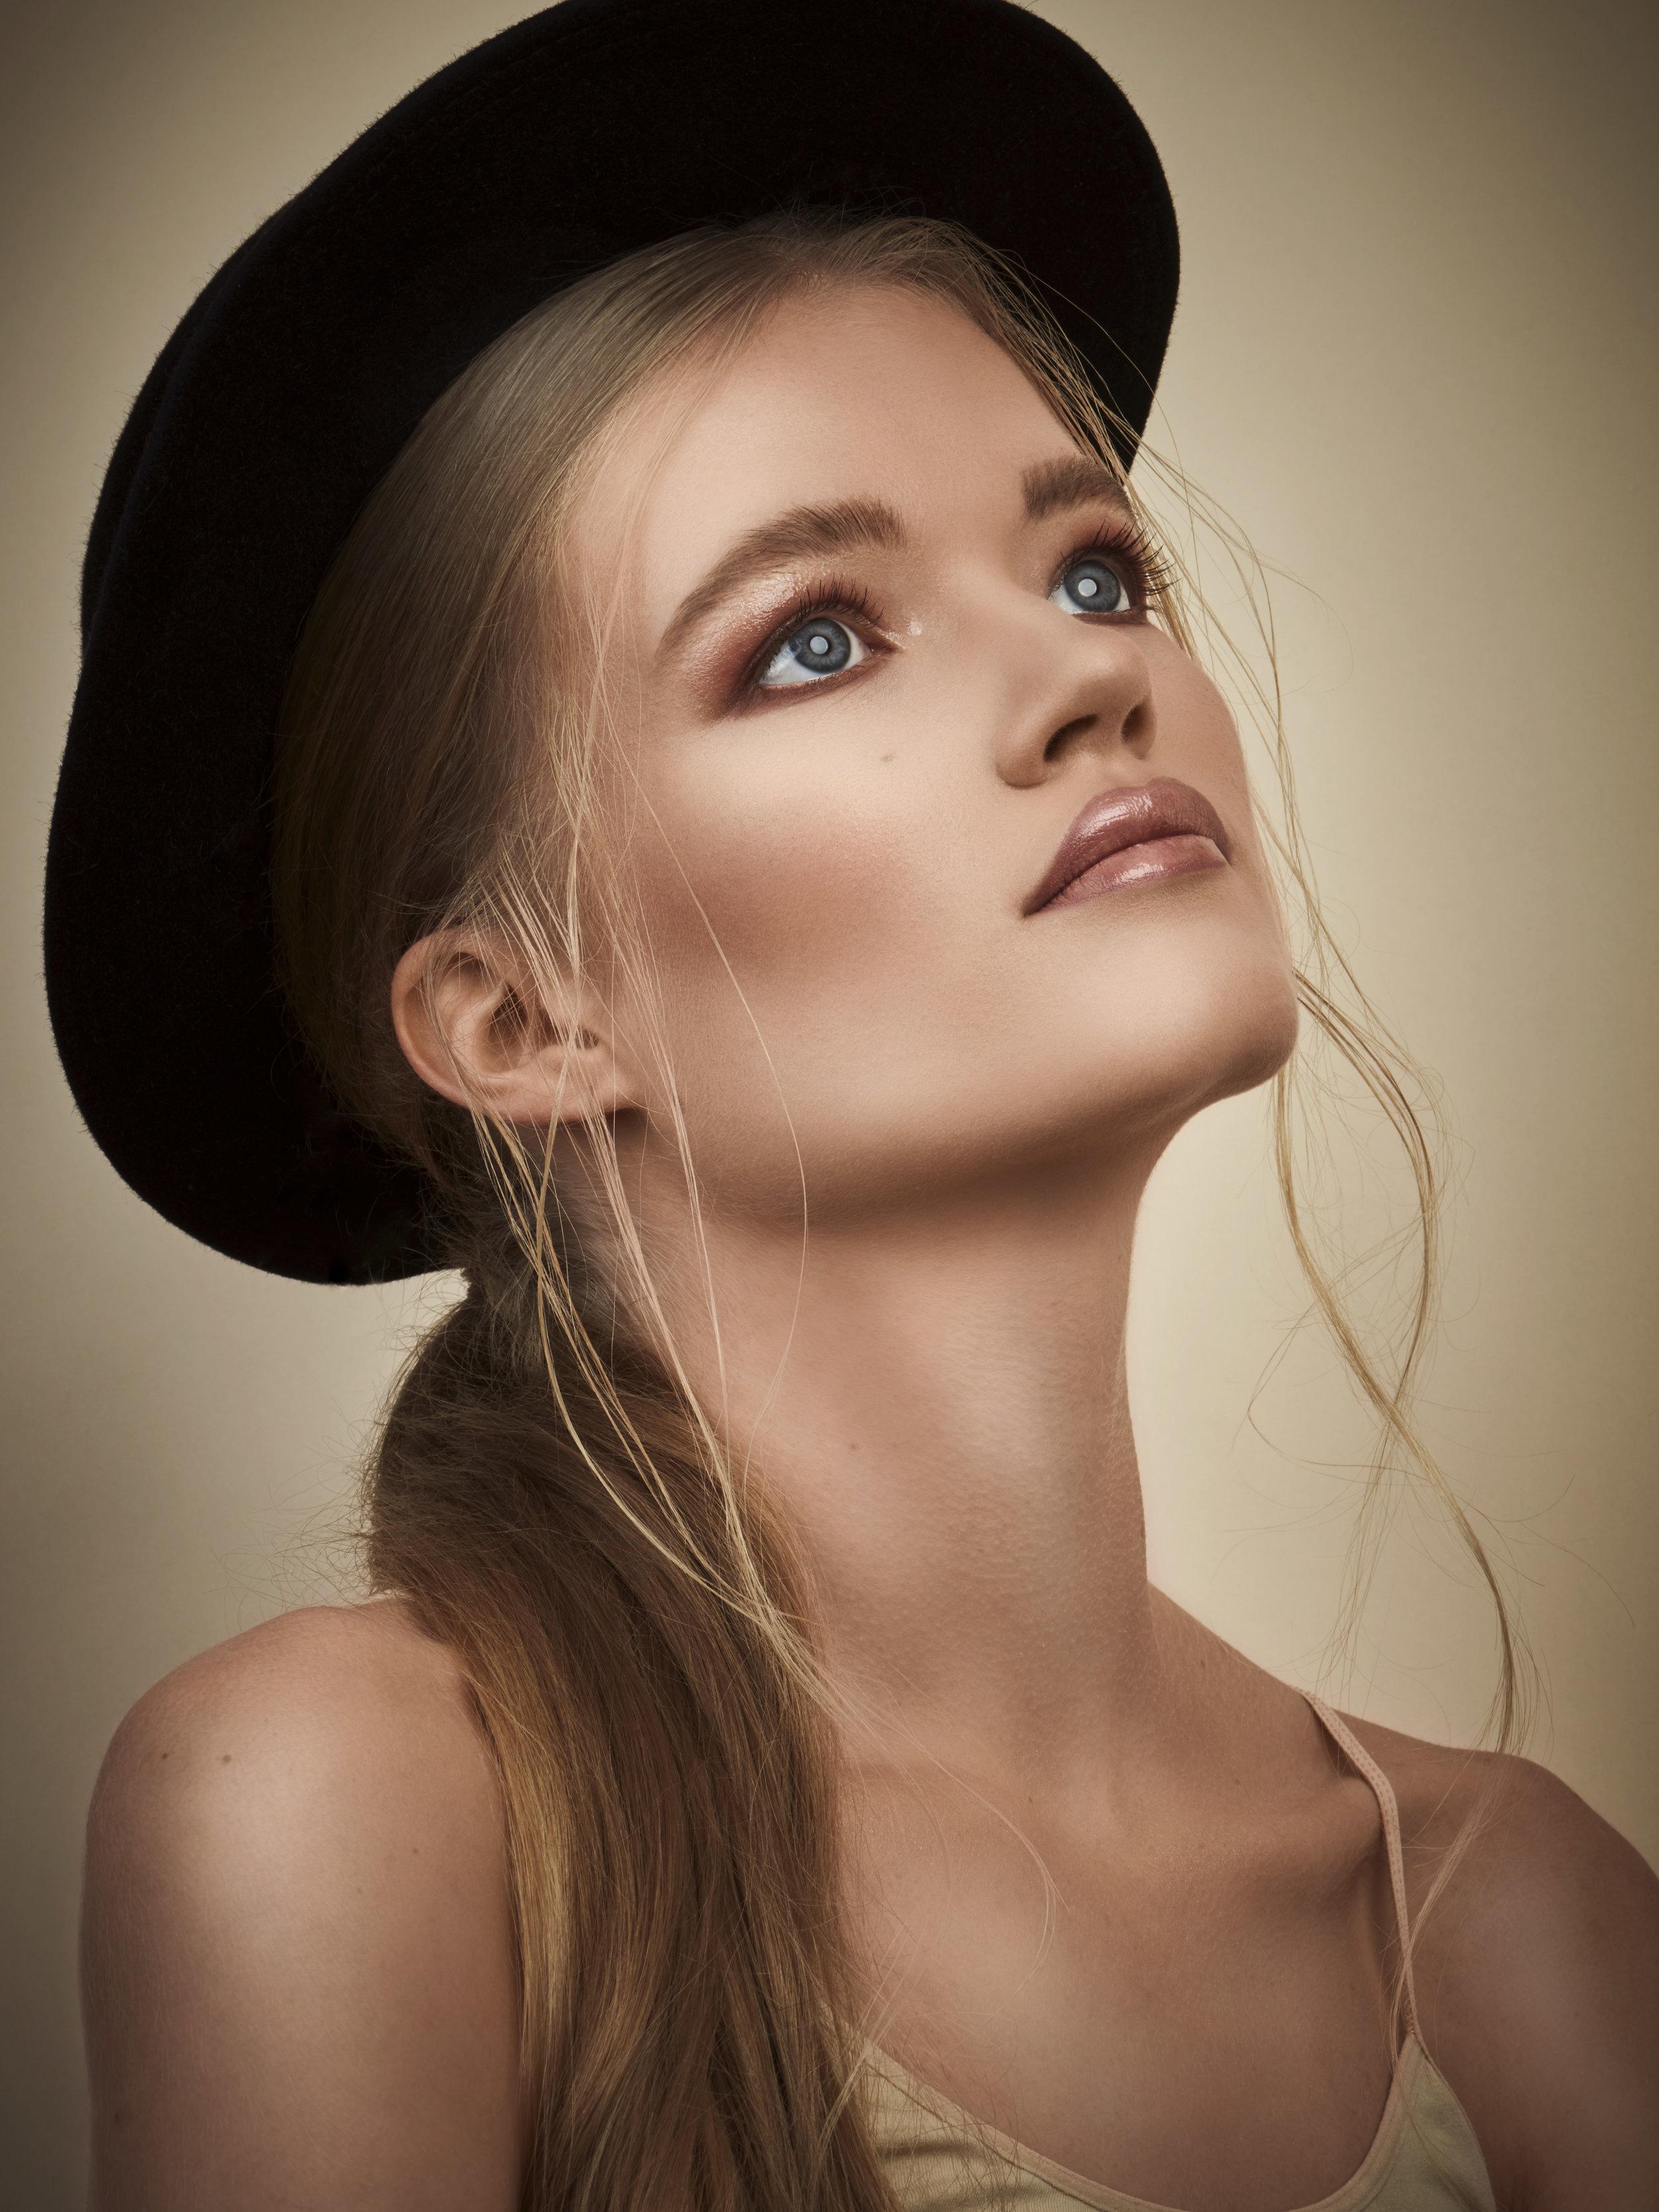 2018-10-02-Madelaine-beauty-portrait22327.jpg